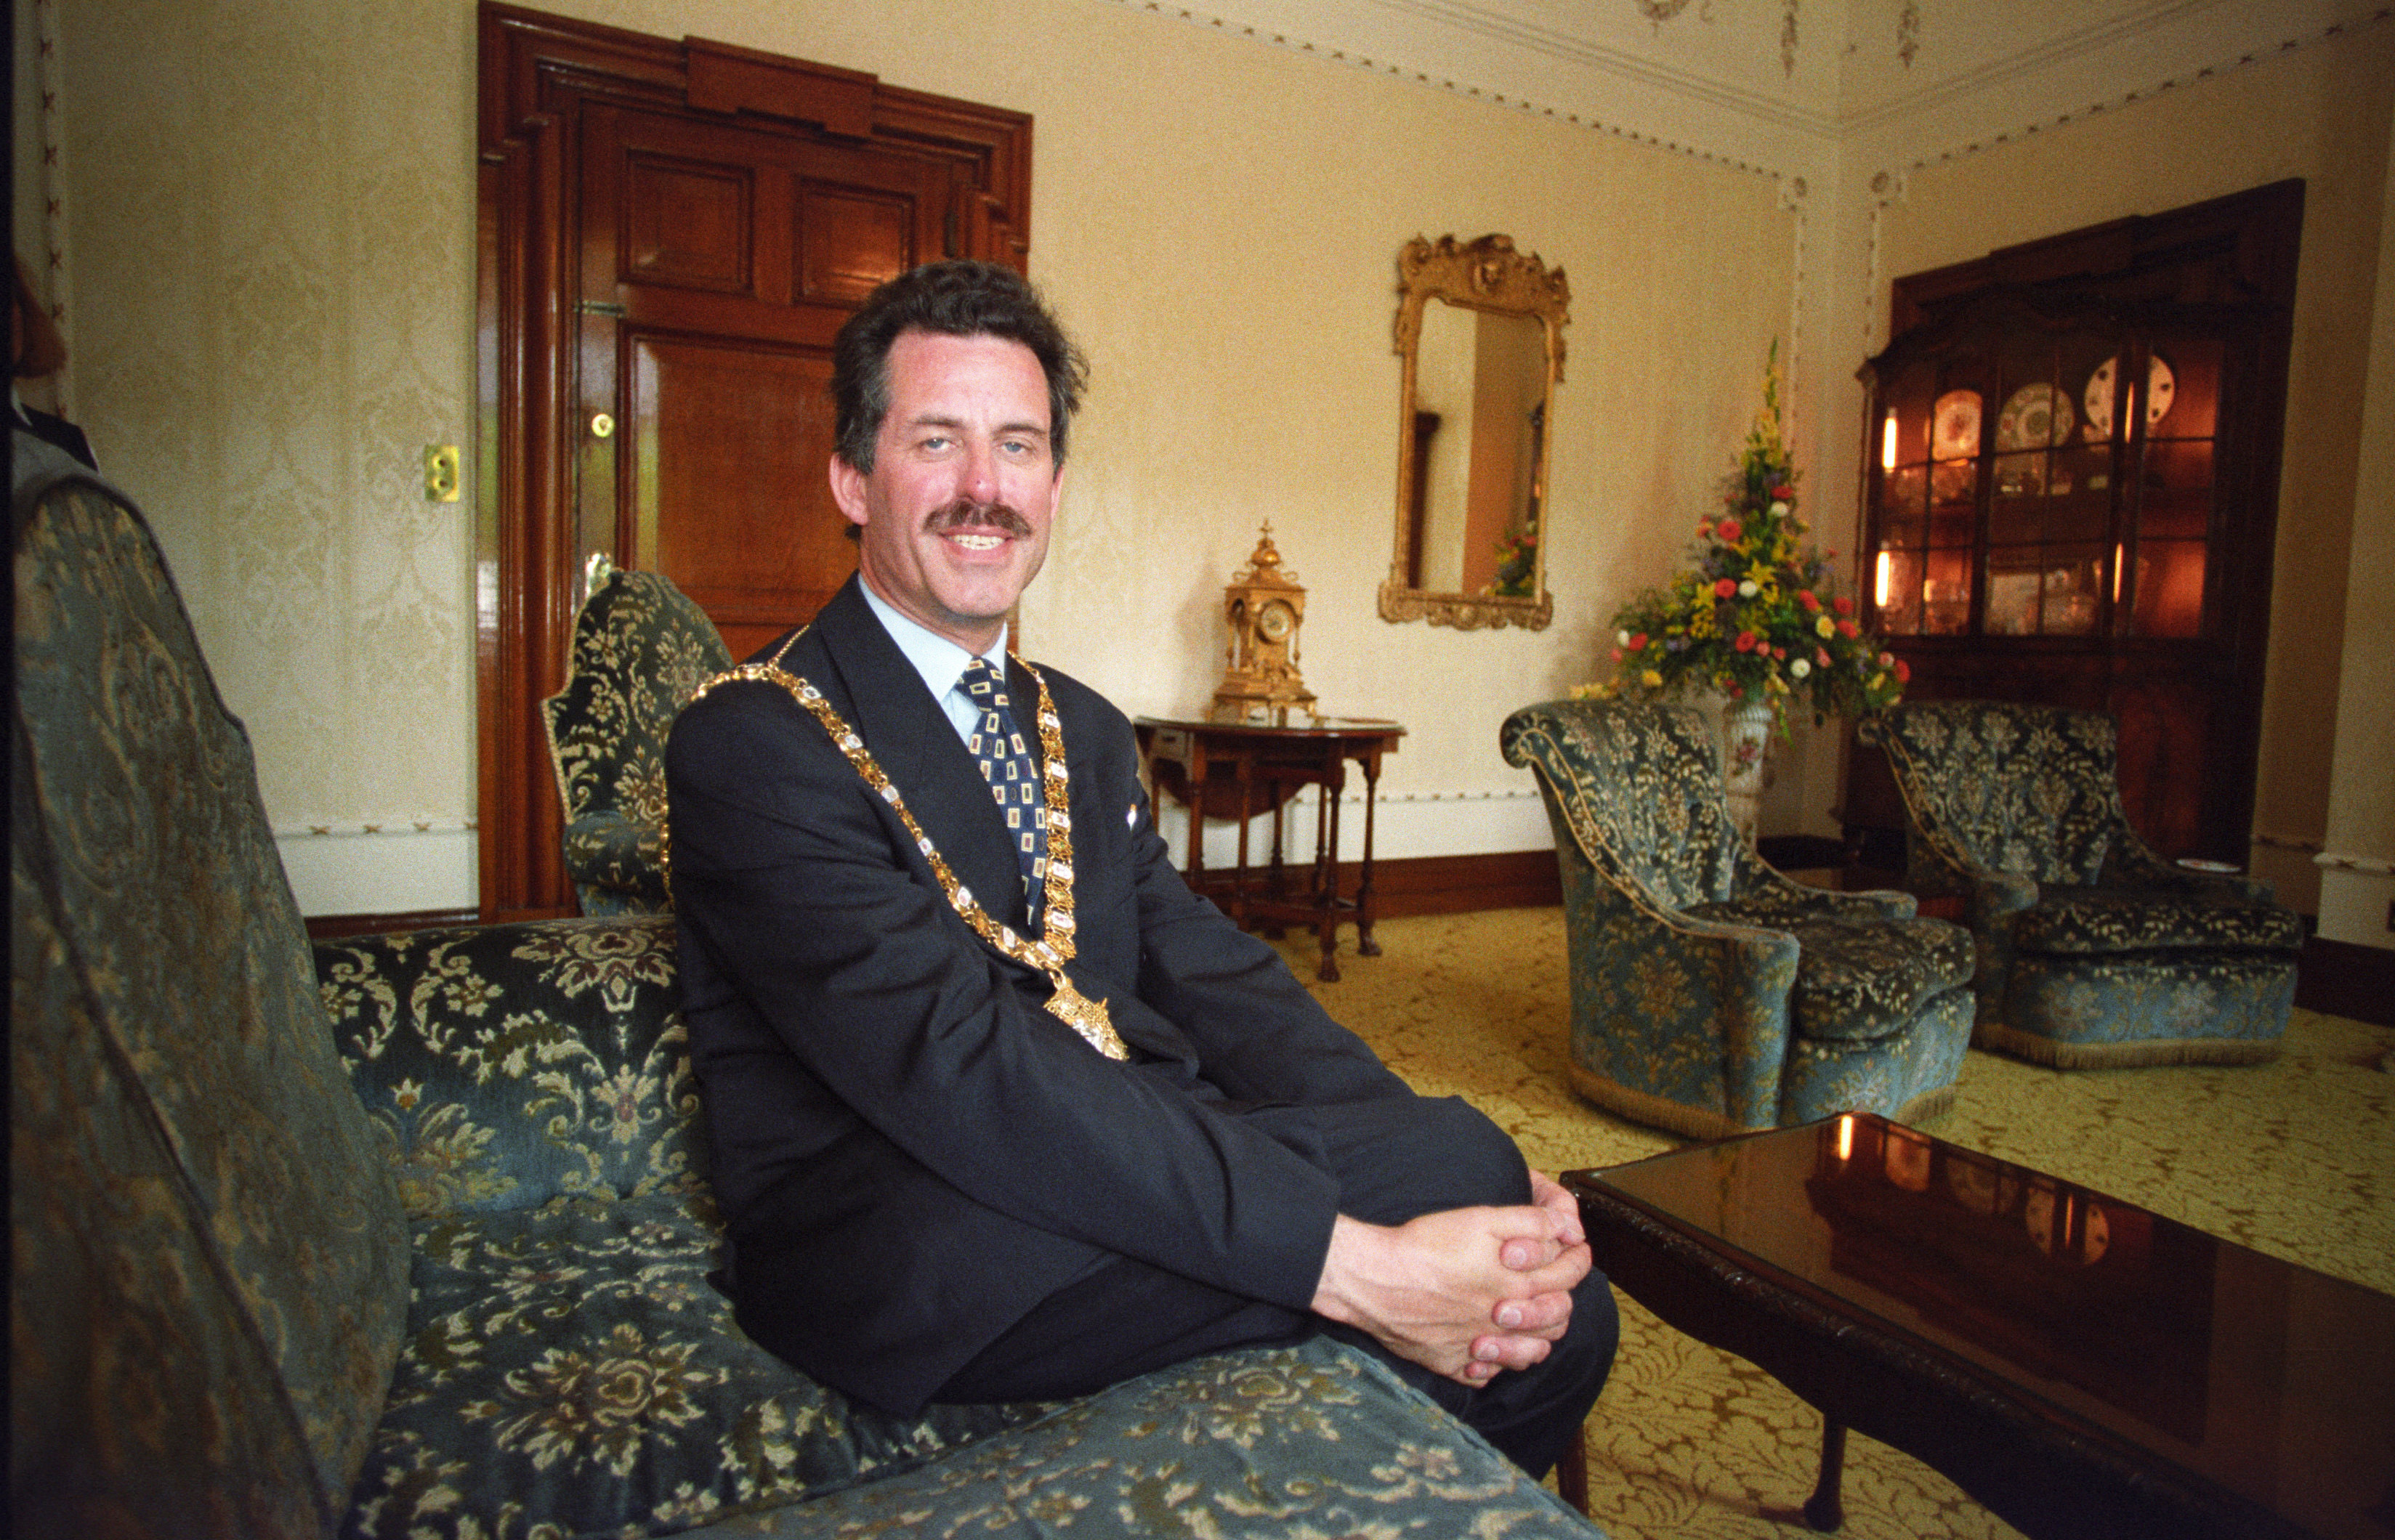 Alban mayor